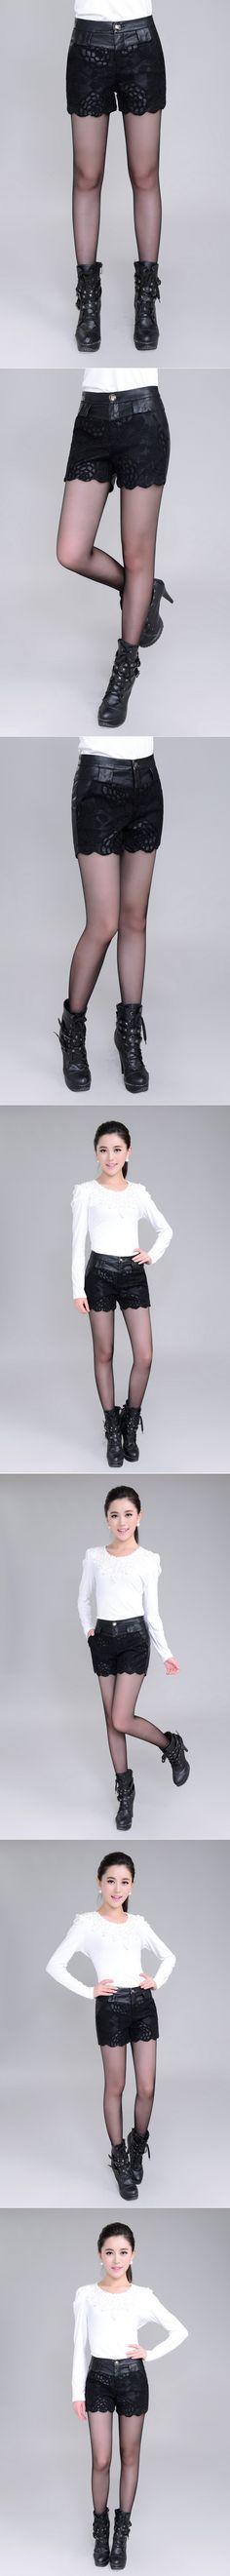 Automne et hiver femmes Sexy Black PU taille haute short minces PU Shorts de cuir Shorts Casual Sexy dentelle short Mujer dans Shorts de Femmes de Vêtements et Accessoires sur AliExpress.com | Alibaba Group